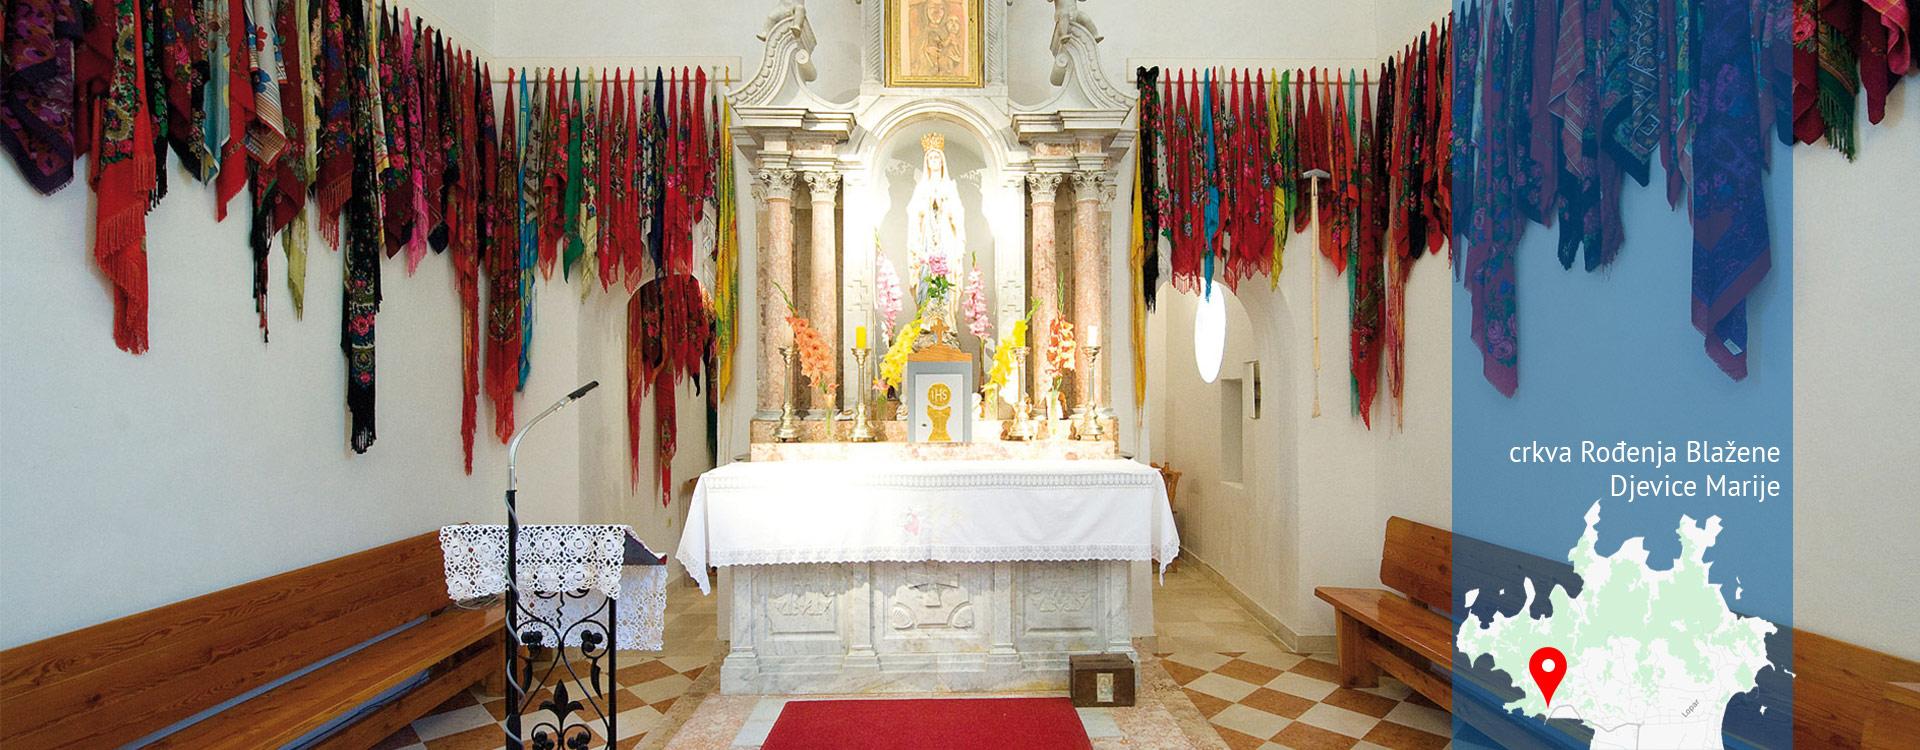 Općina Lopar - crkva Rođenja Blažene Djevice Marije